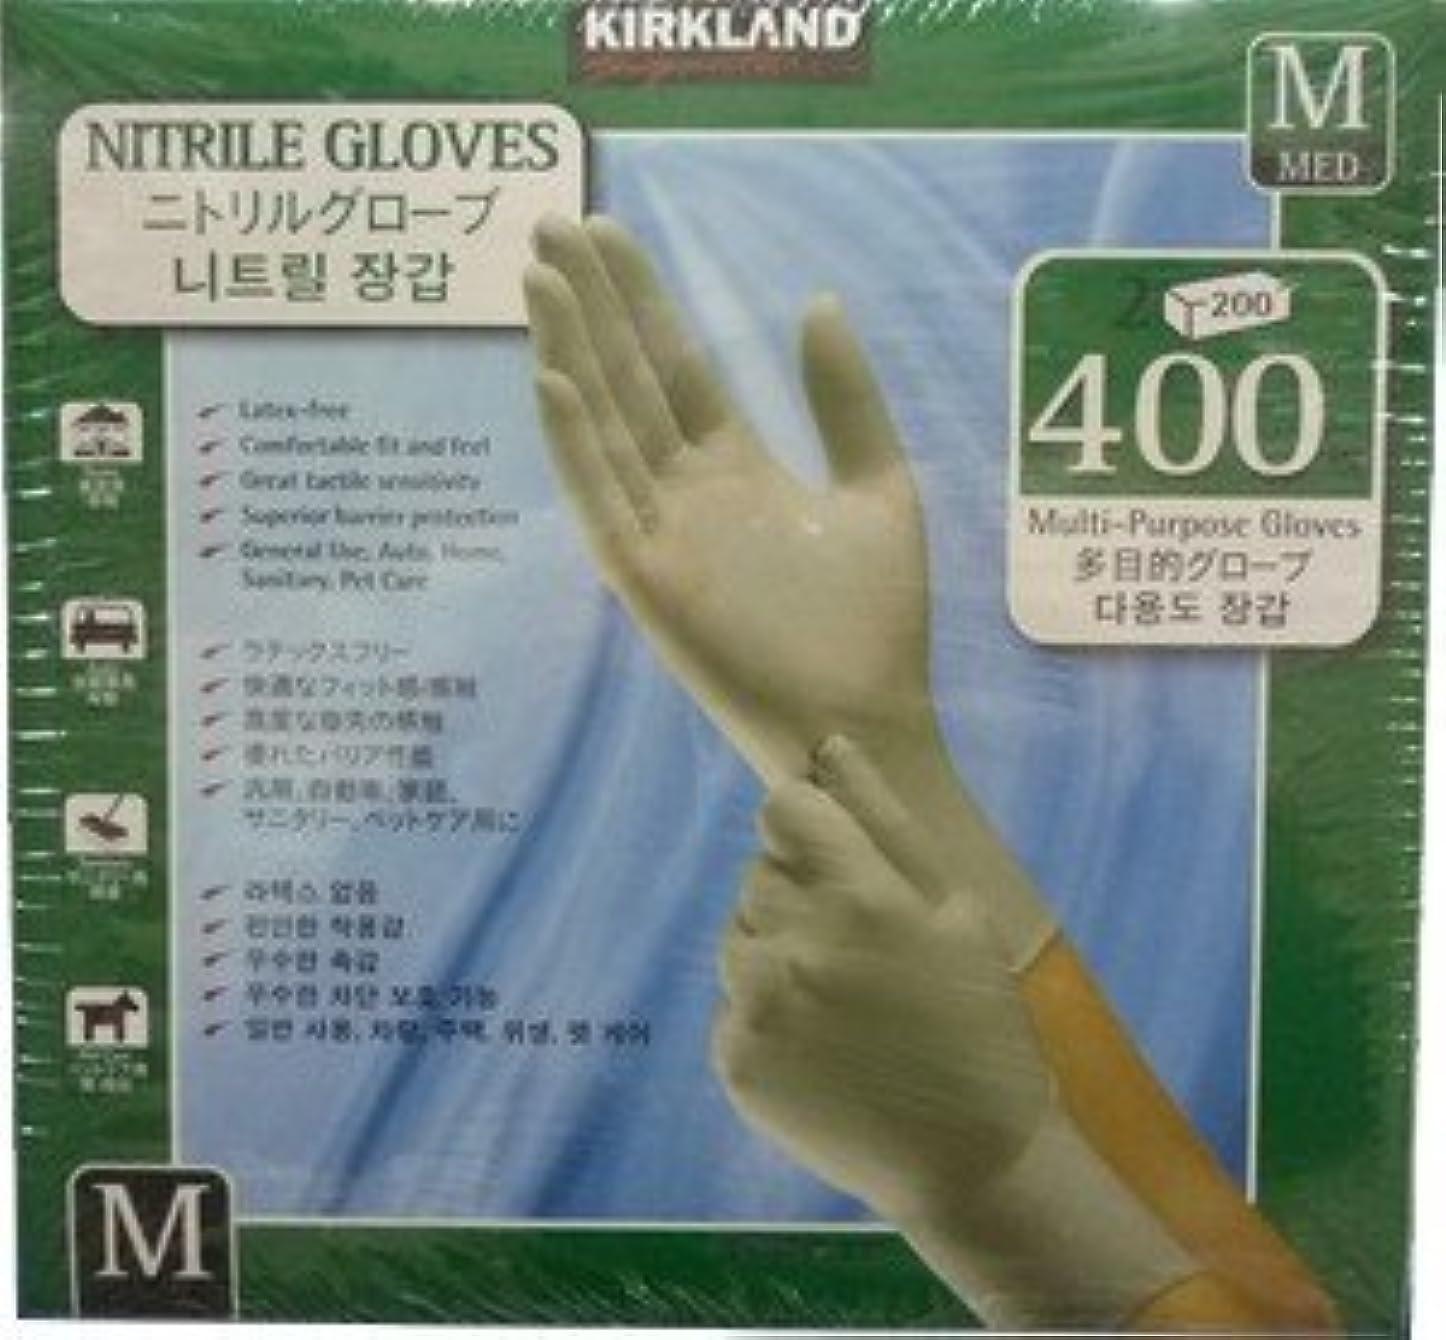 難しいショート盲信KIRKLAND カークランド ニトリルグローブ 手袋 Mサイズ 200枚×2箱